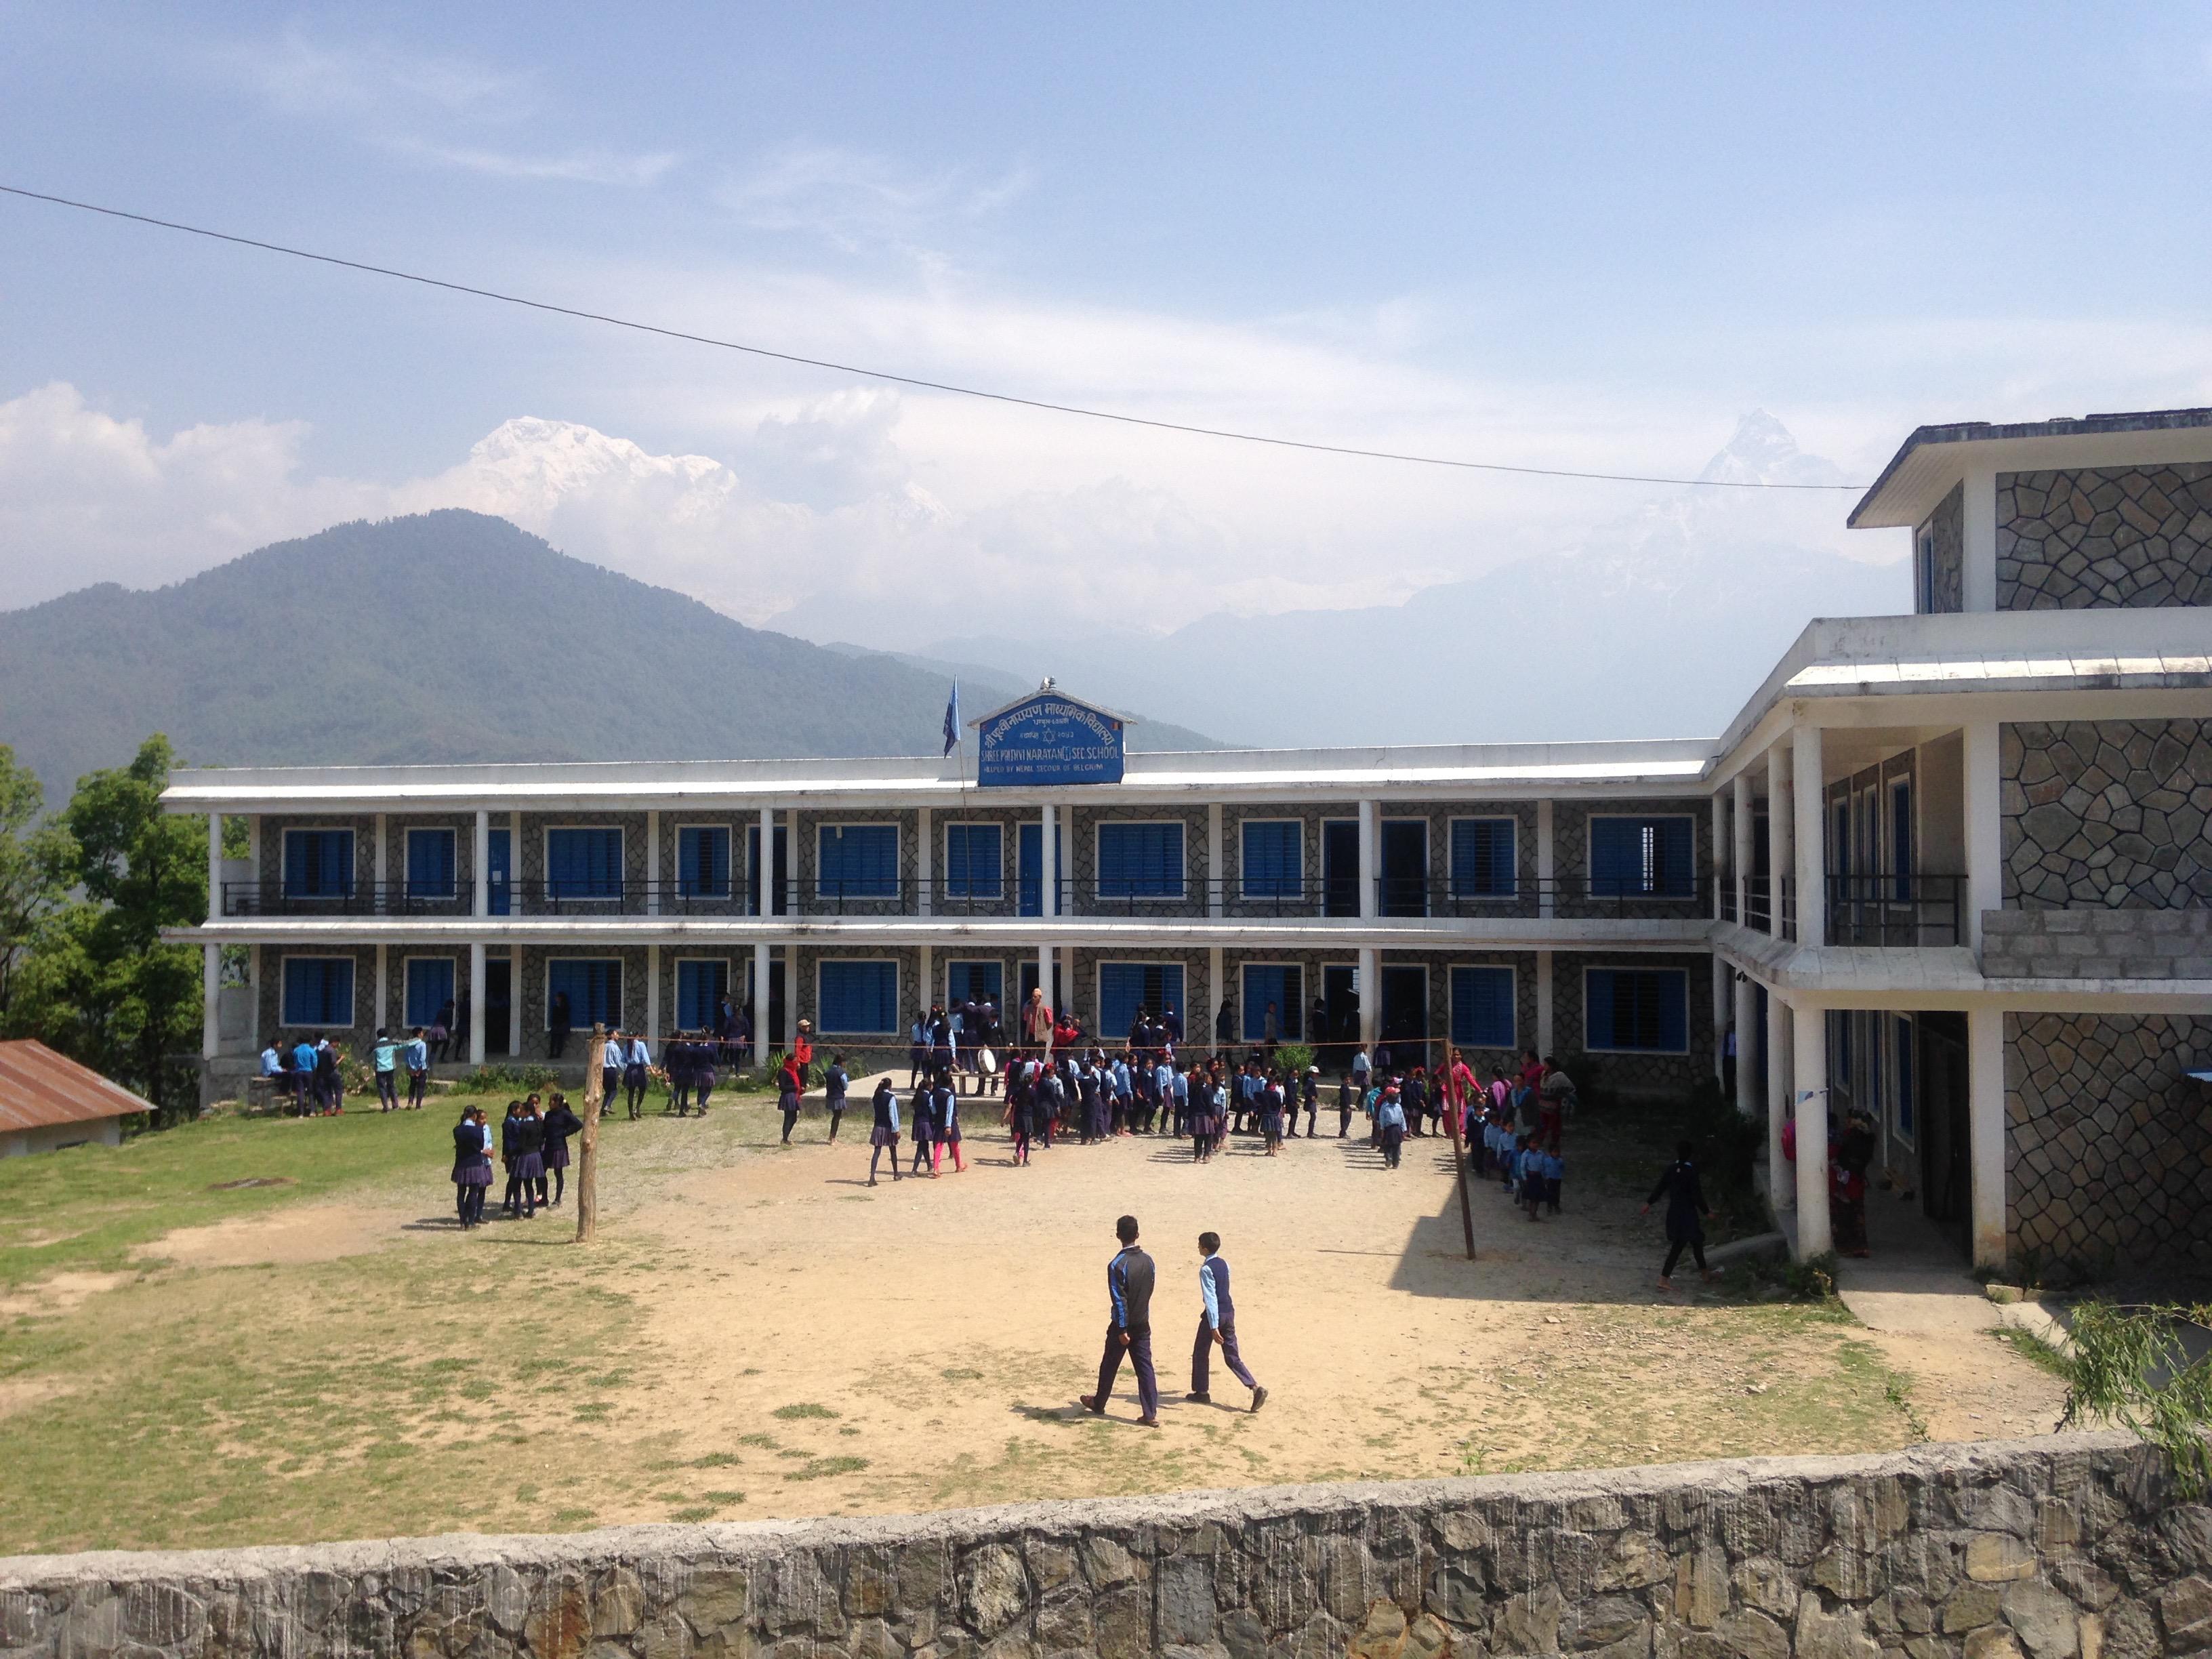 ダンプス トレッキング 小学校 ポカラ ネパール 世界一周 旅 ブログ バイク アンナプルナ ダンプス 学校